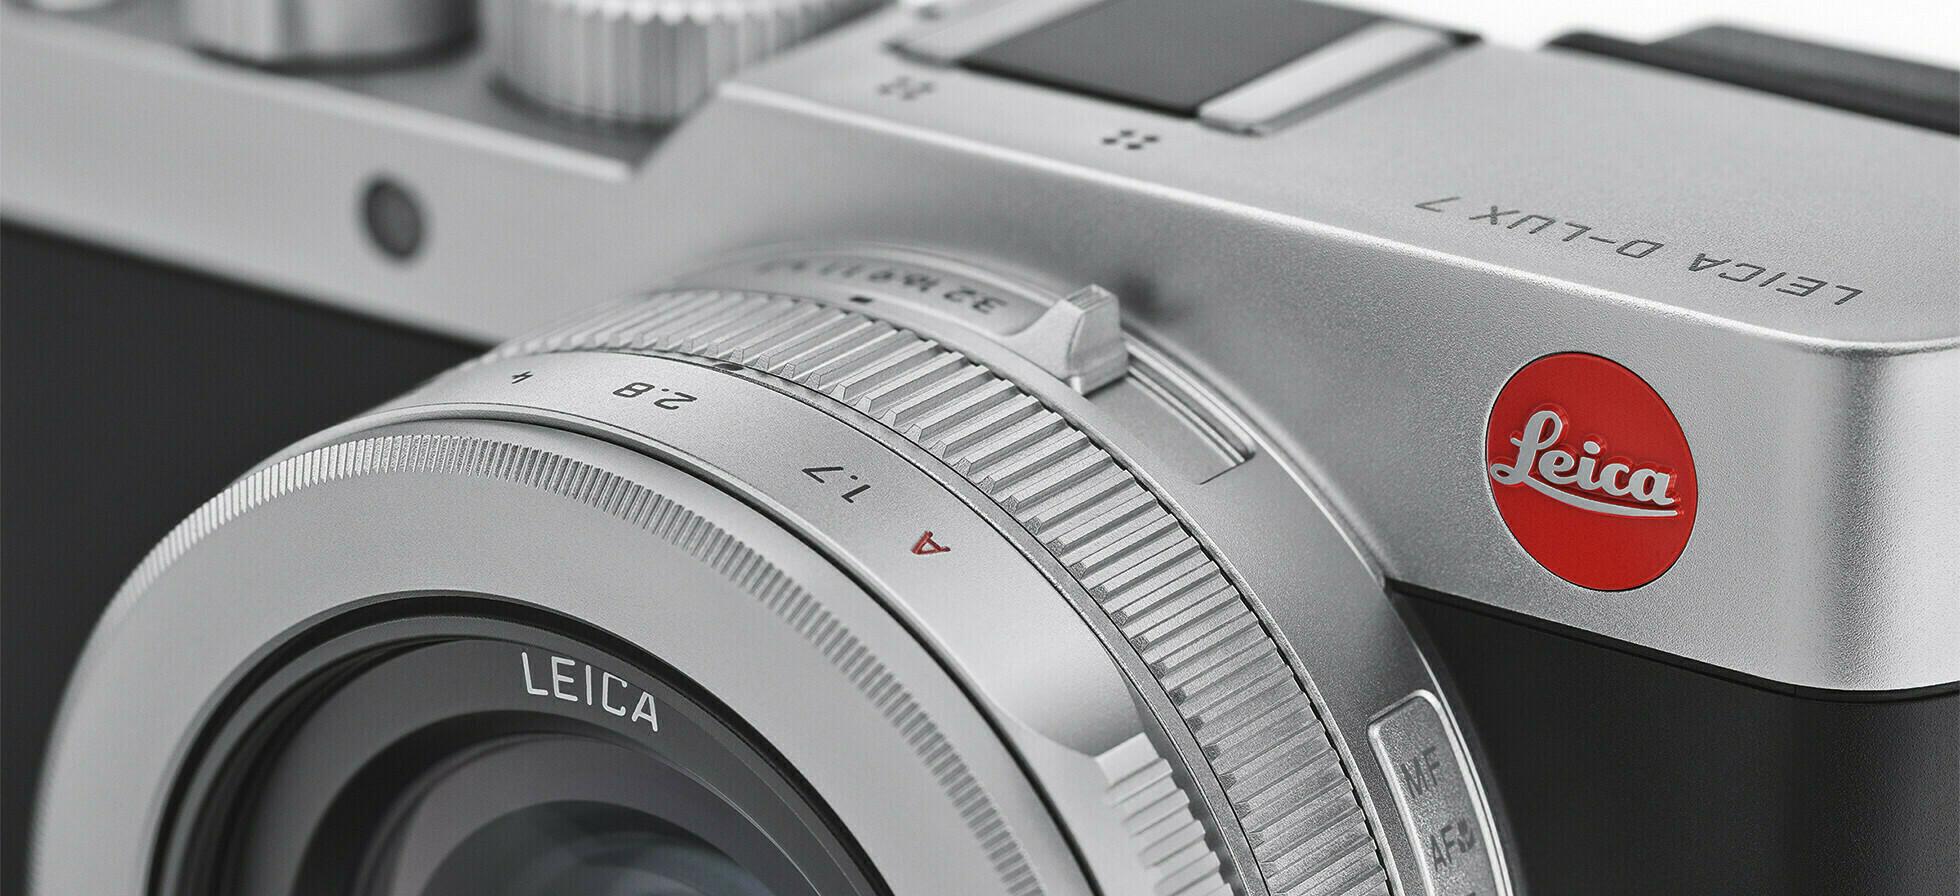 Leica D-Lux 7 - chromé